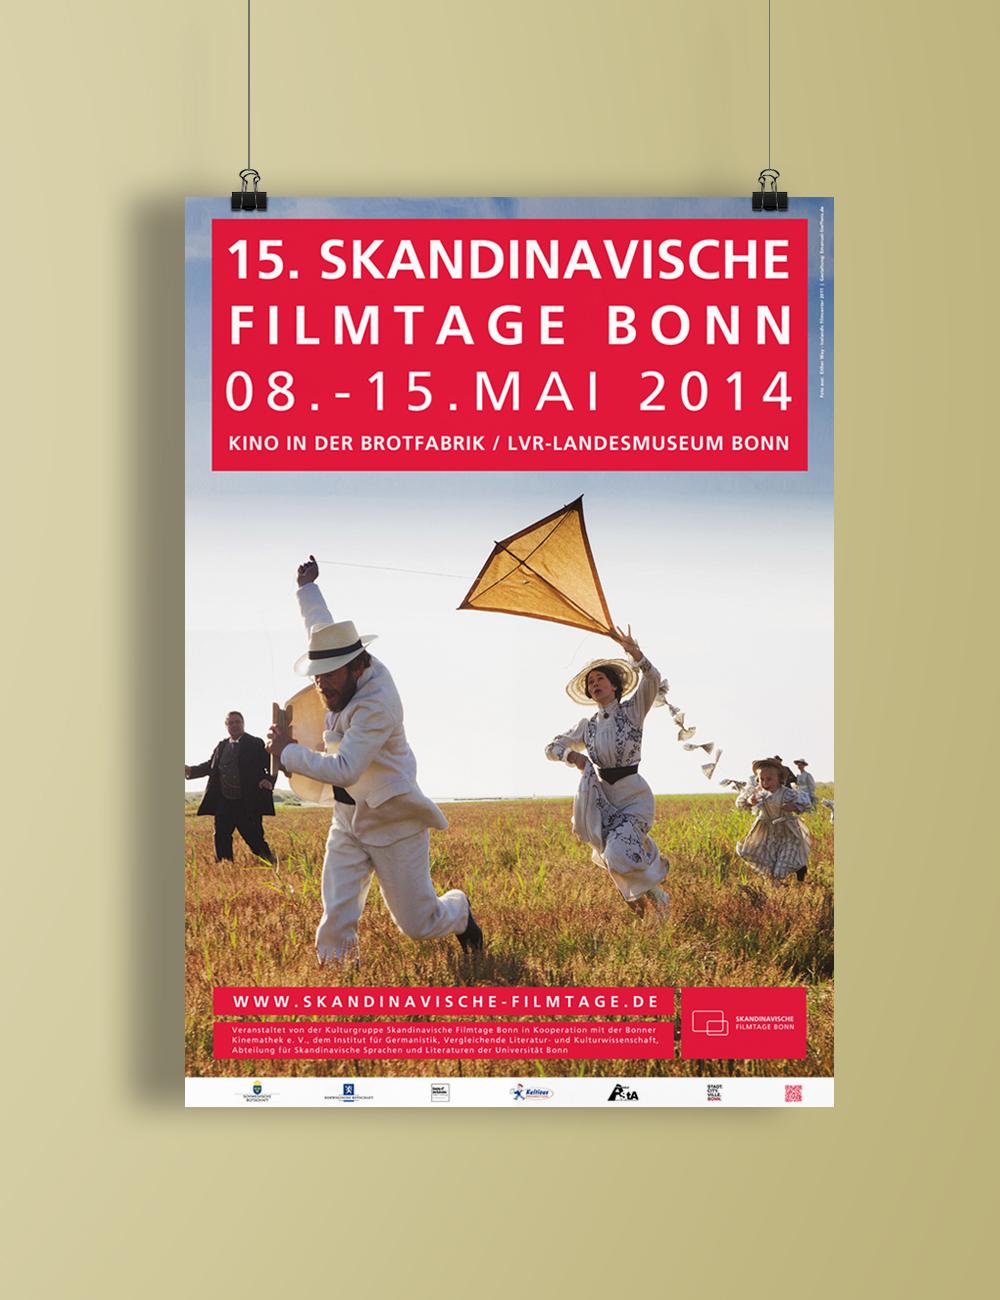 emanuel_steffens_skandinavische_filmtage_bonn_2014